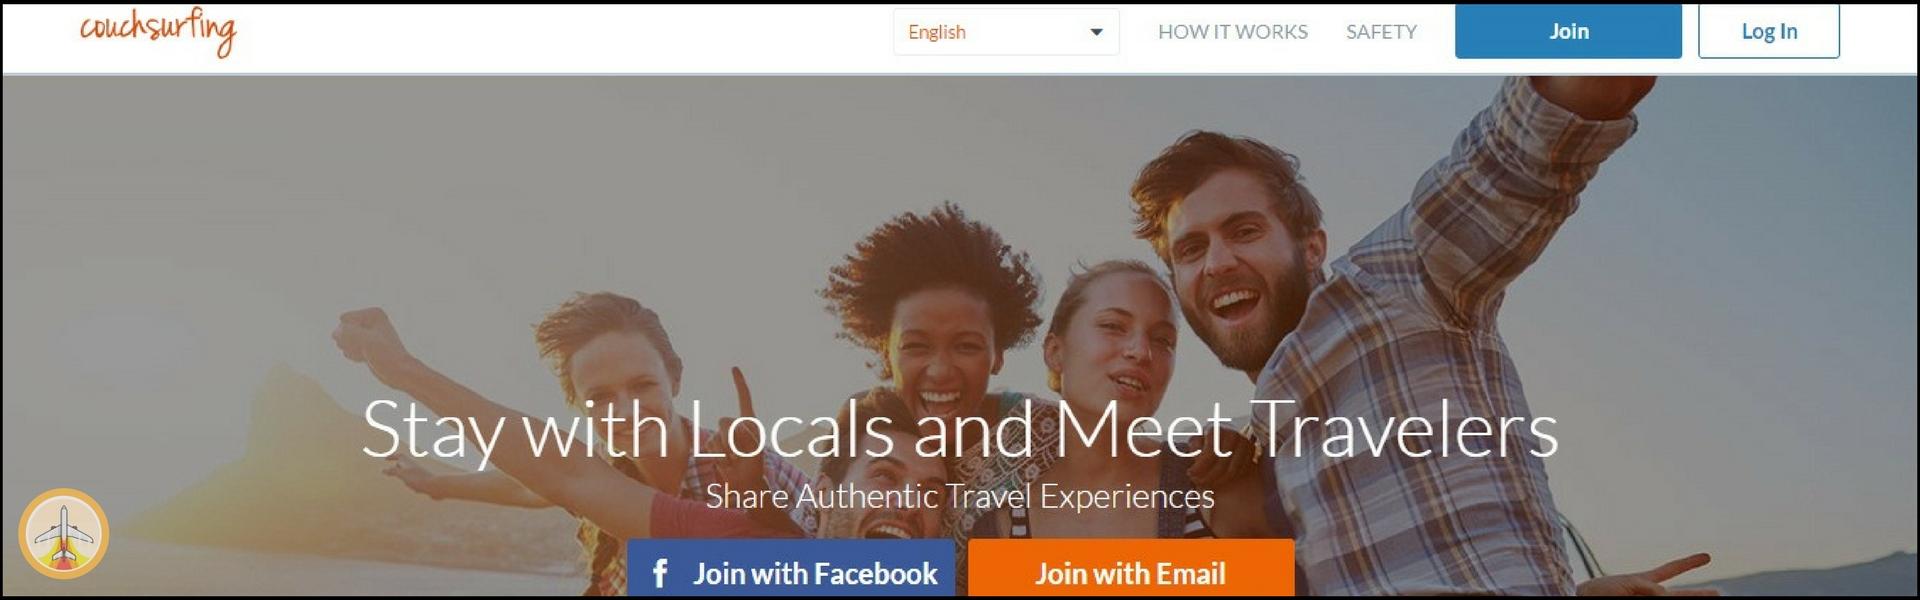 Não-quero-viajar-sozinho-onde-achar-companhia-couchsurfing Não quero viajar sozinho onde achar companhia? (10 sites!)